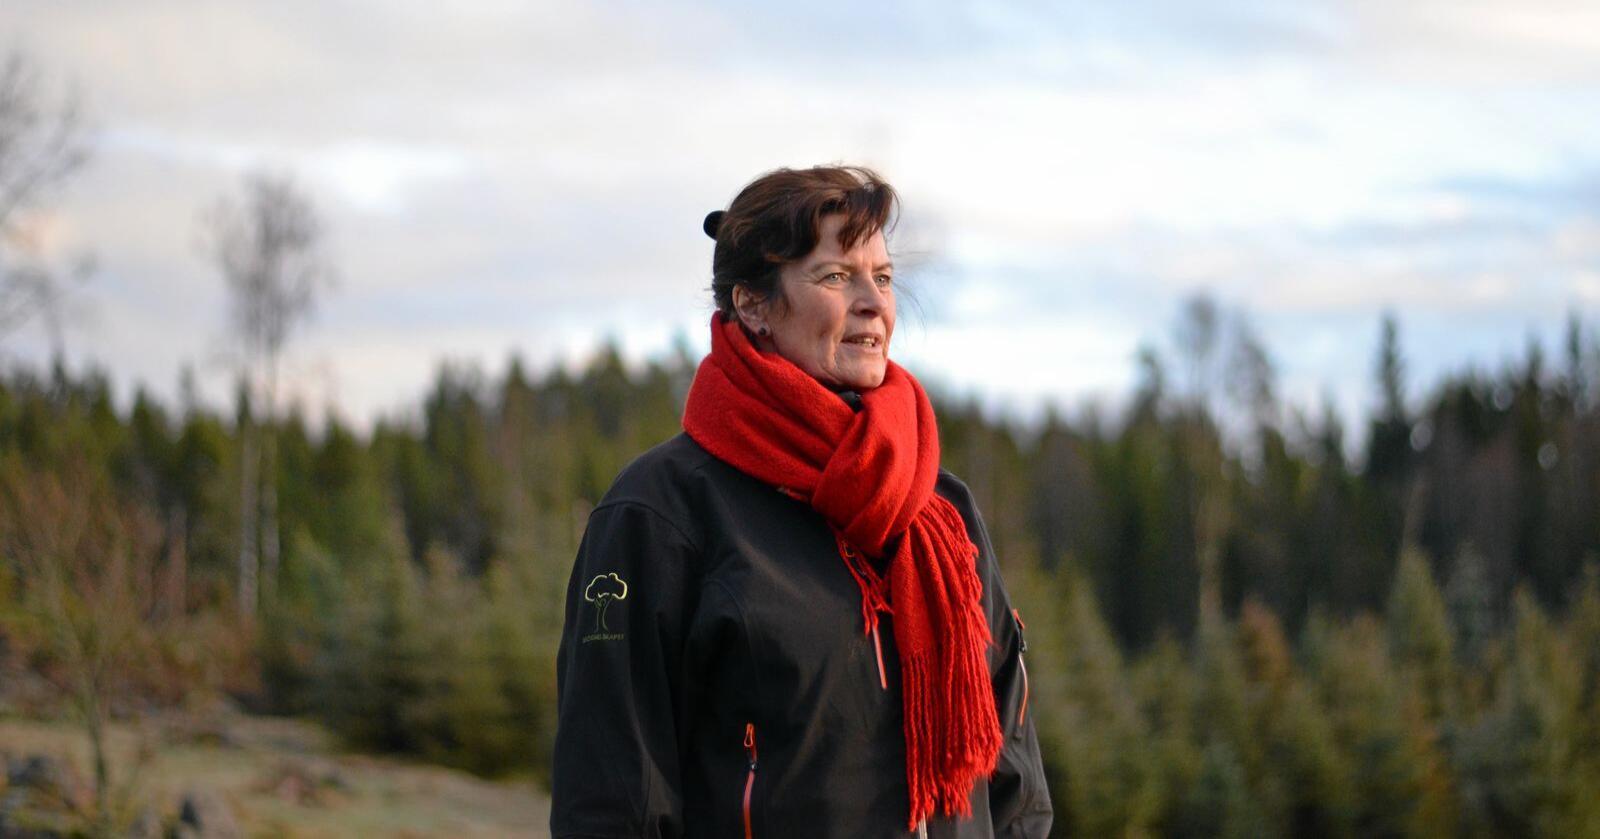 Hjemkommunen til Merete Furuberg opplevde tirsdag en tragisk slakteulykke. Foto: Benjamin Hernes Vogl